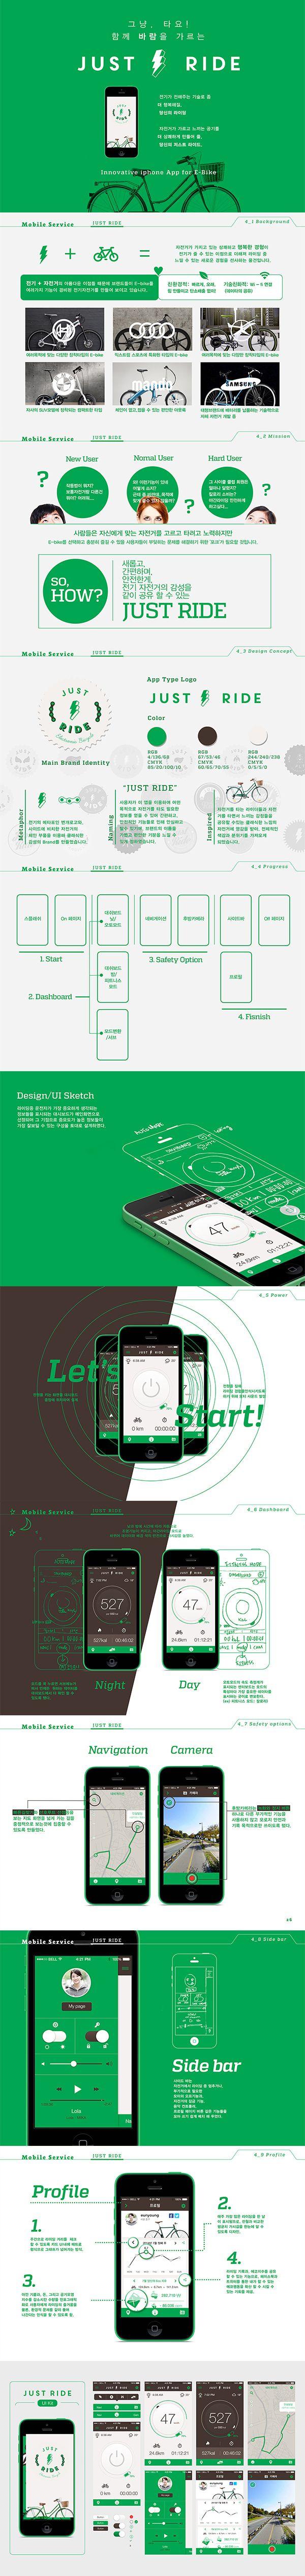 전기가 전해주는 기술로 좀 더 행복해질, 당신의 라이딩 . 자전거가 가르고 느끼는 공기를 더 상쾌하게 만들어줄 당신의 저스트 라이드 본 앱은 사물인터넷 앱으로 UXDS과정안에서 기획부터 디자인까지 이루어 졌습니다.